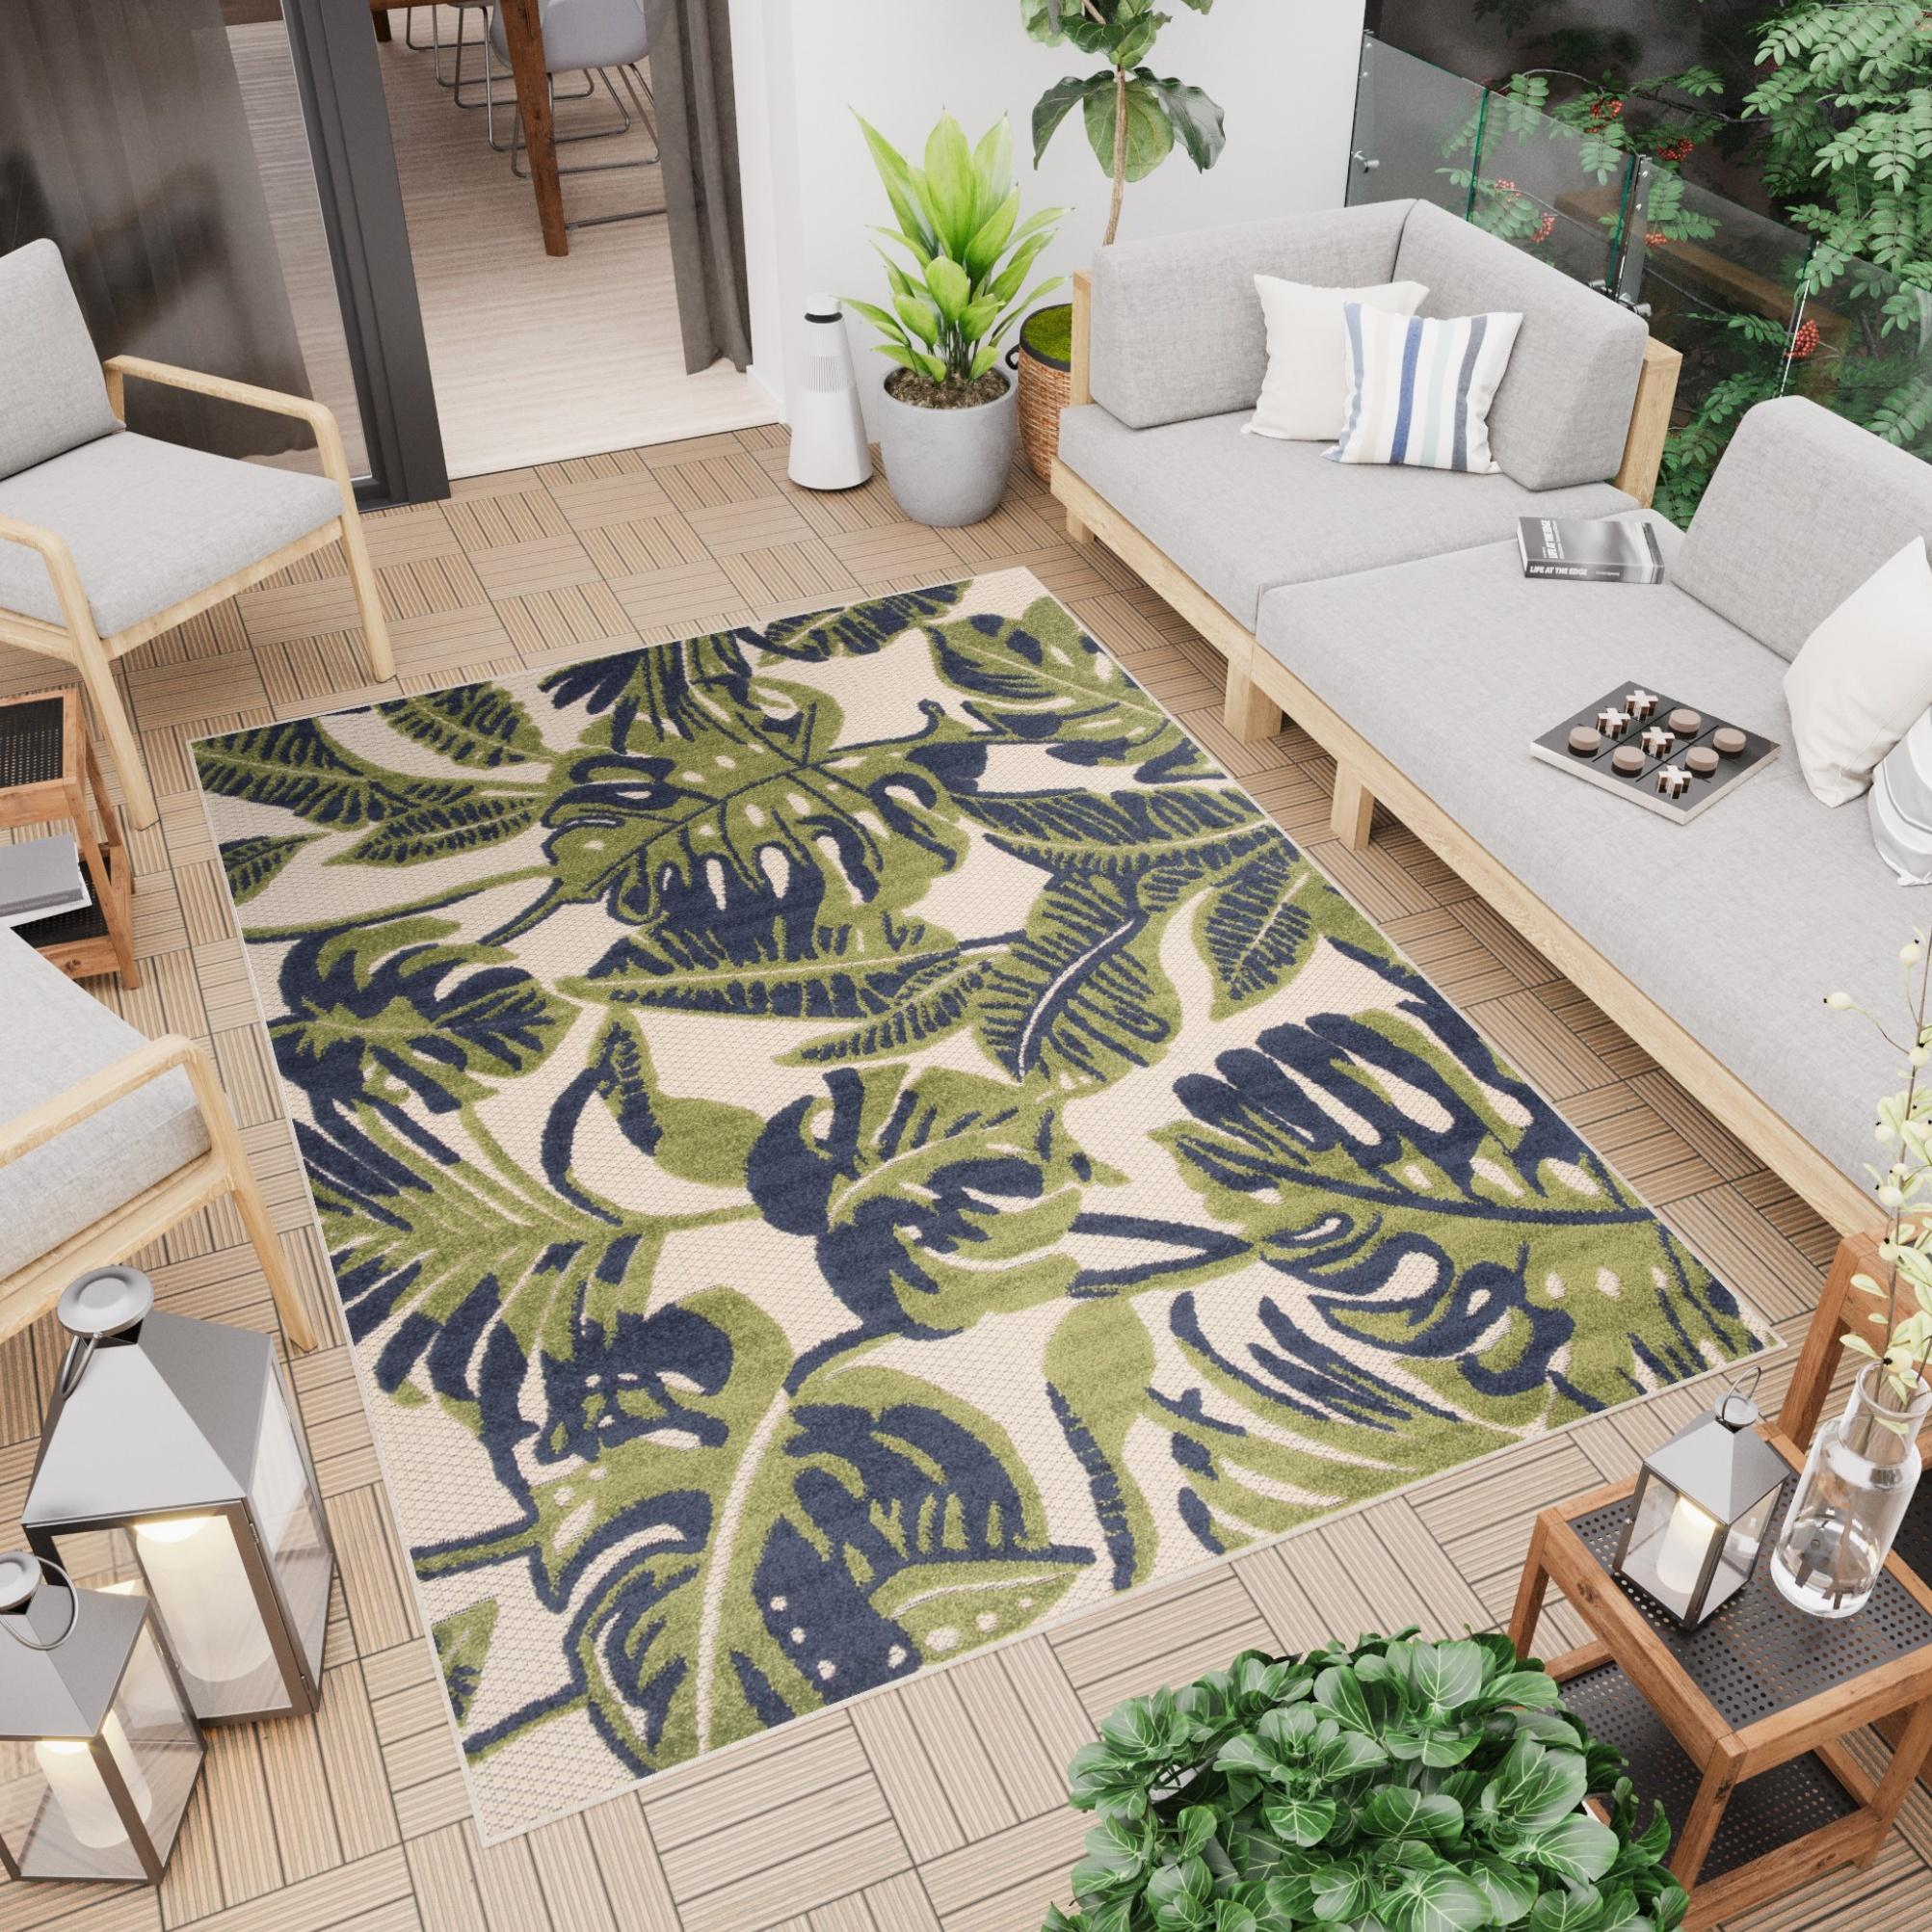 Zachowaj lato na dłużej - 3 propozycje dywanów